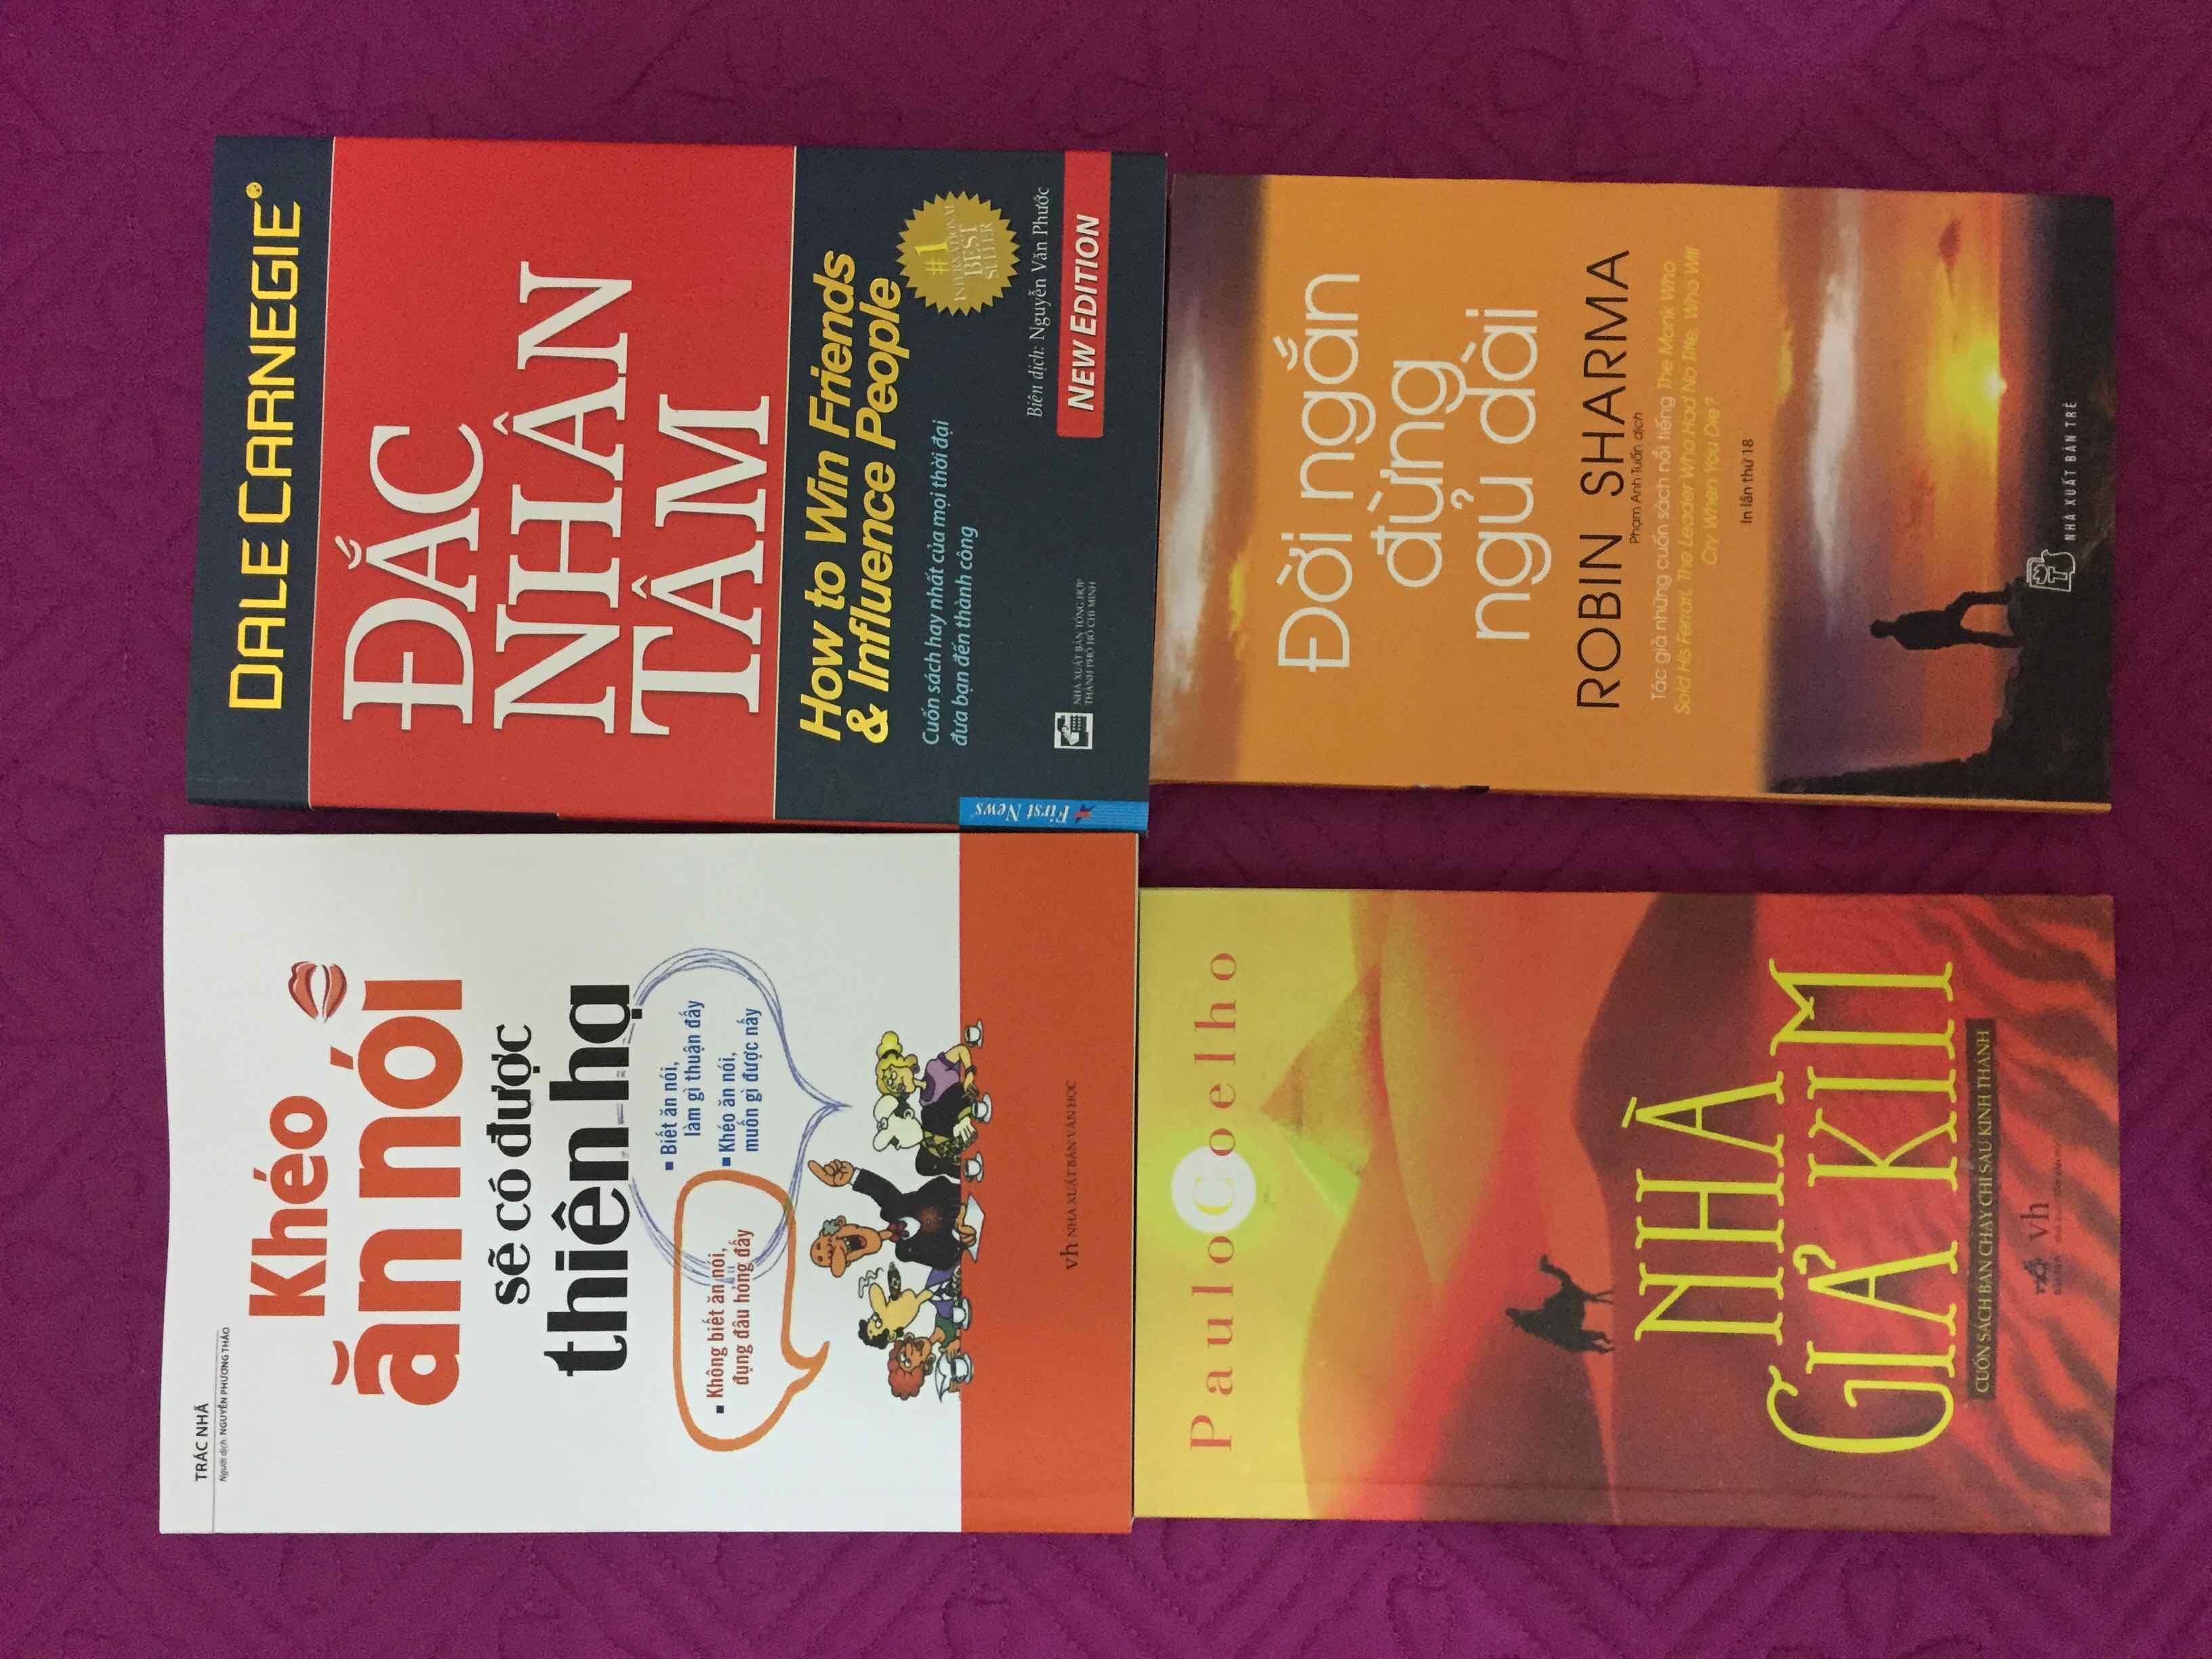 Mua Combo 4 sách kĩ năng: Khéo ăn nói, Đắc nhân tâm, Nhà giả kim, Đời ngắn đừng ngủ dài